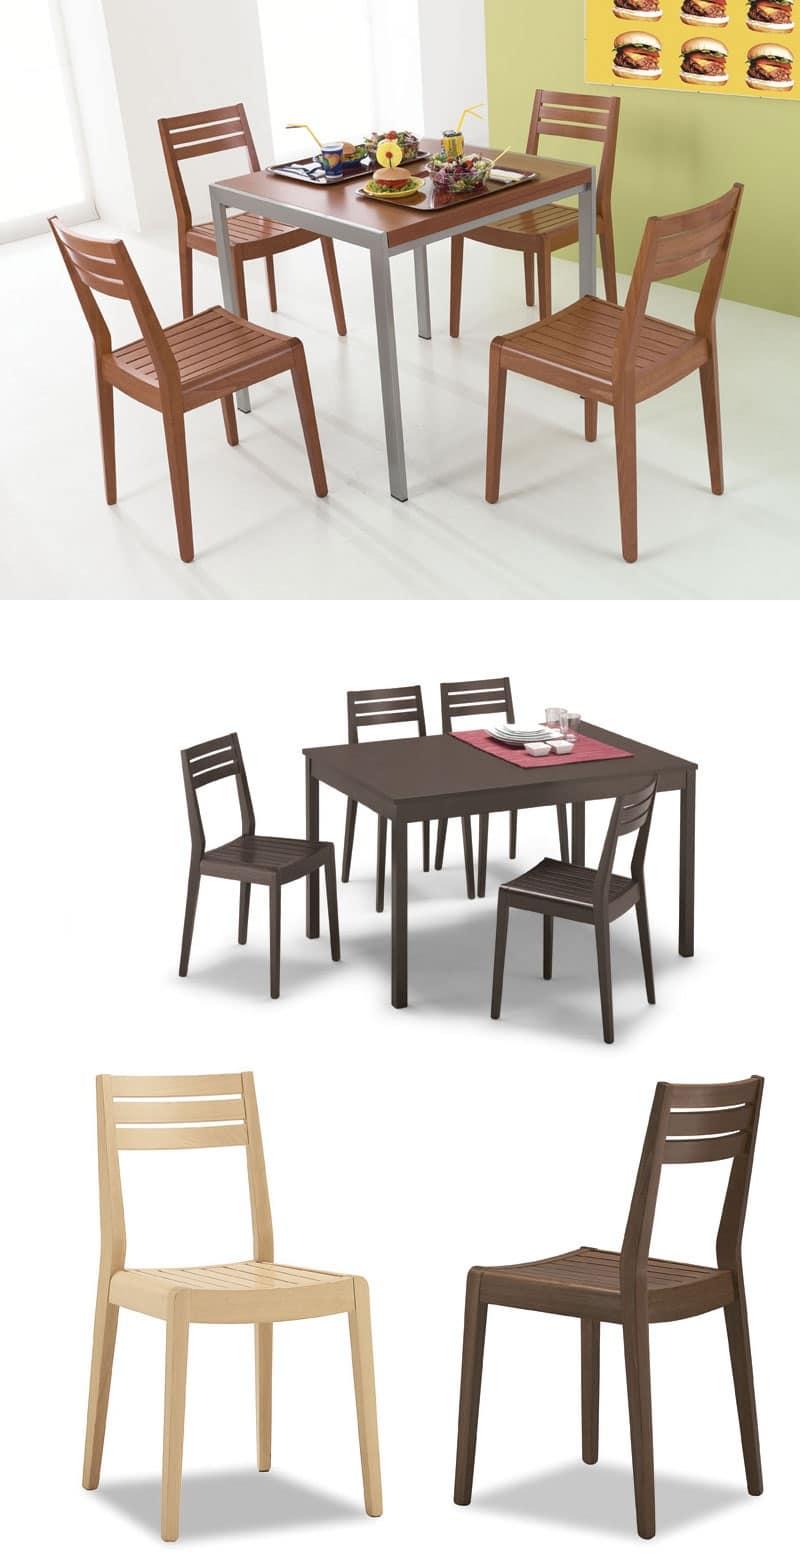 Sedute sedie moderne legno e schienale doghe orizzontali for Contract sedie